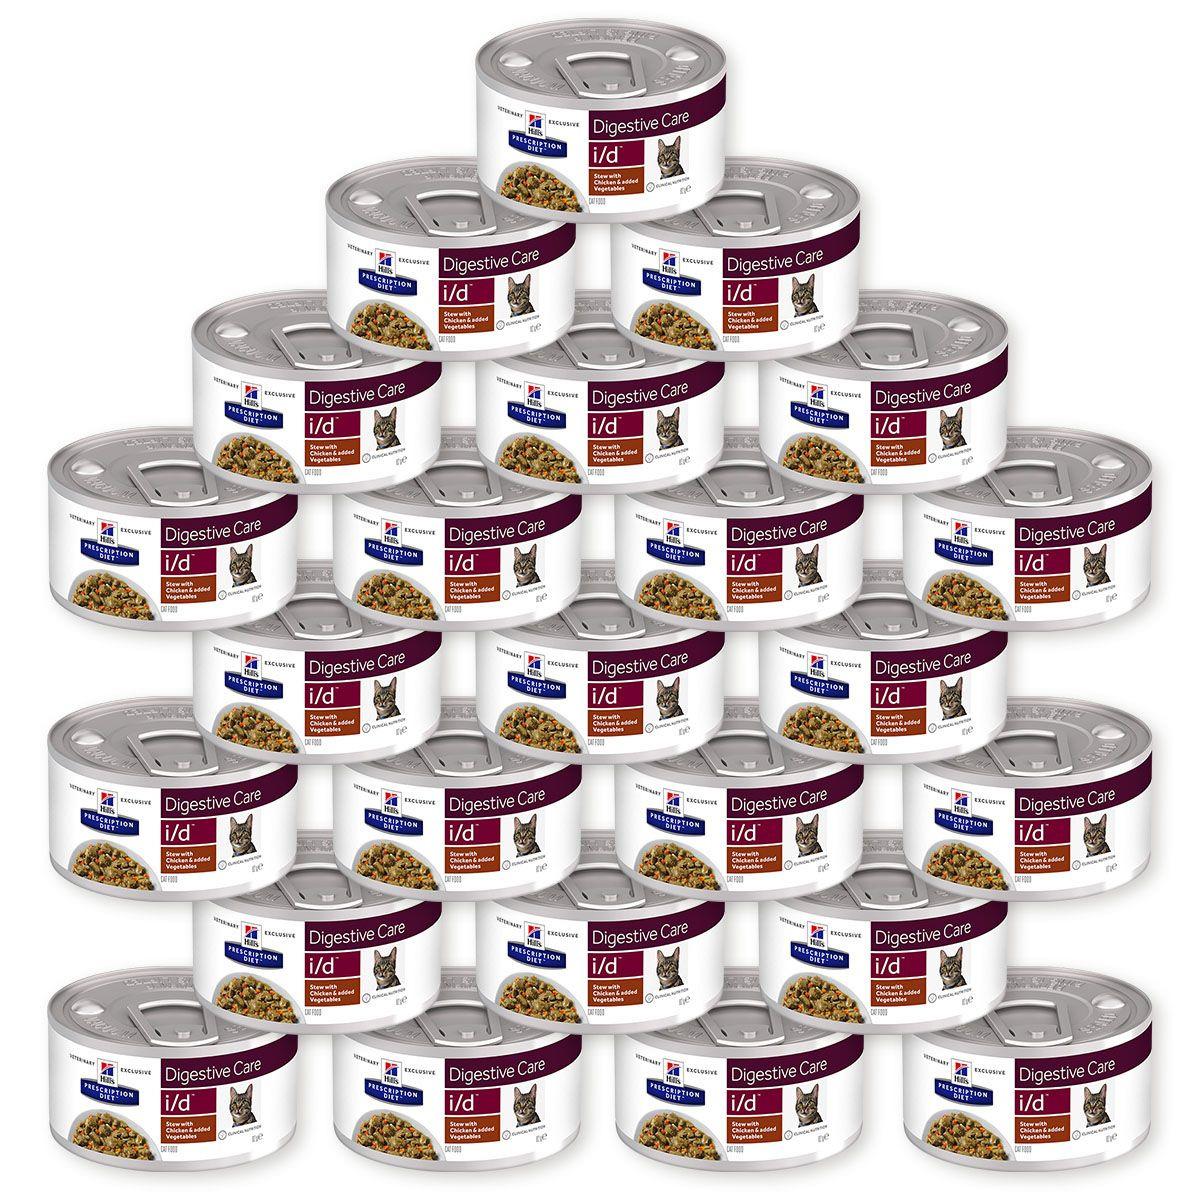 Корм влажный Hill's Prescription Diet i/d Digestive Care Рагу с курицей и овощами для кошек для поддержания здоровья ЖКТ, 24 шт по 82 г (5742)